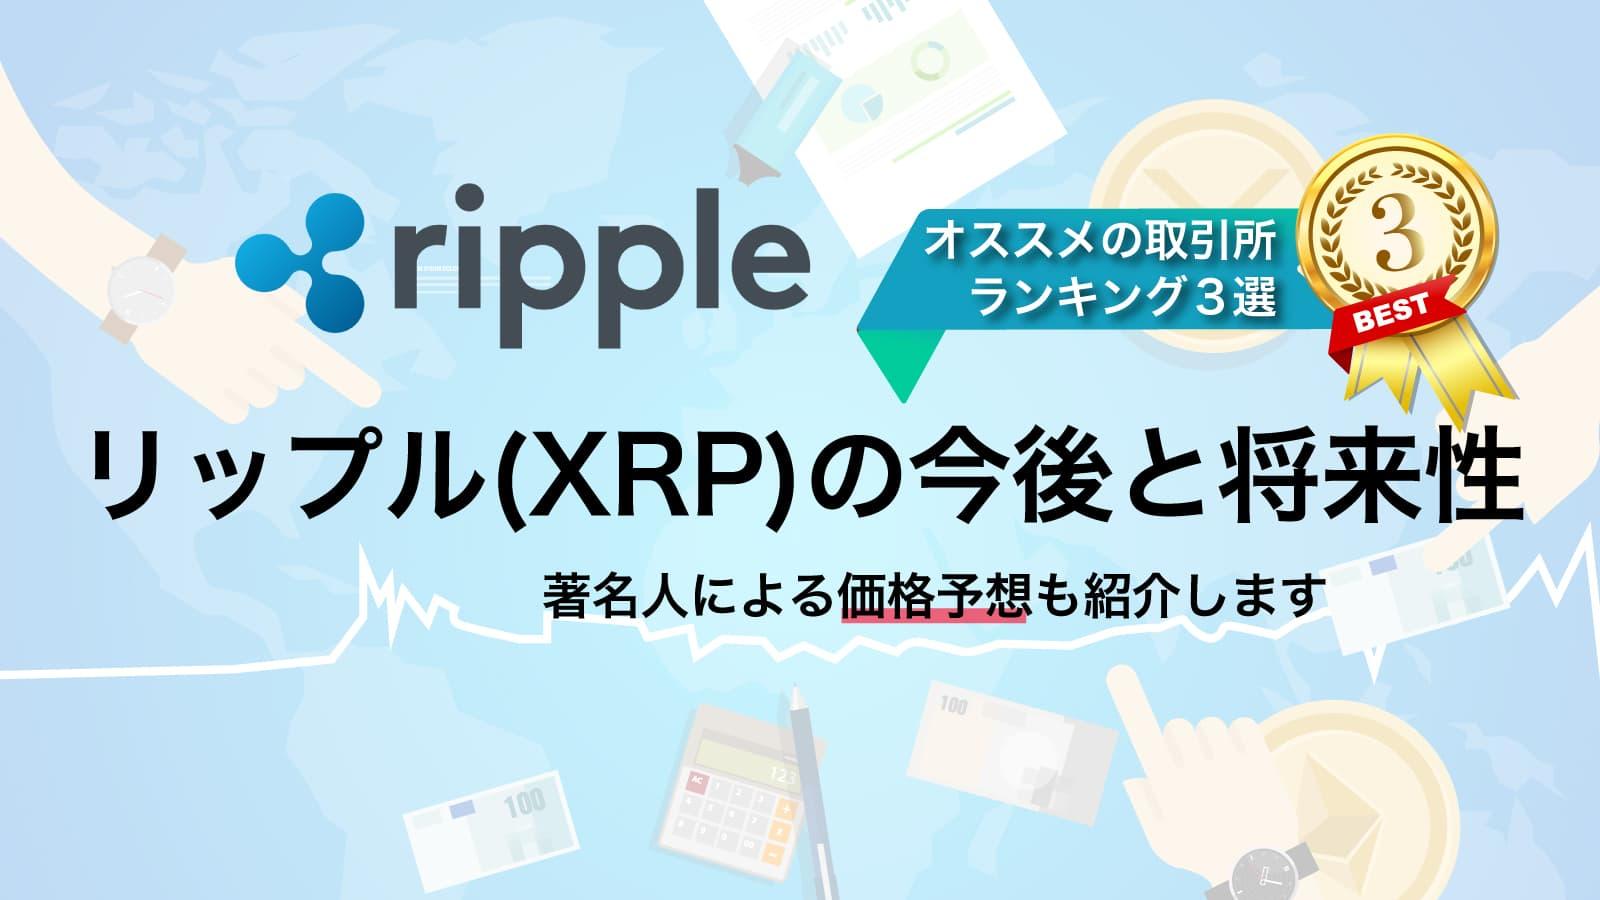 リップル(XRP)の今後と将来性を予想